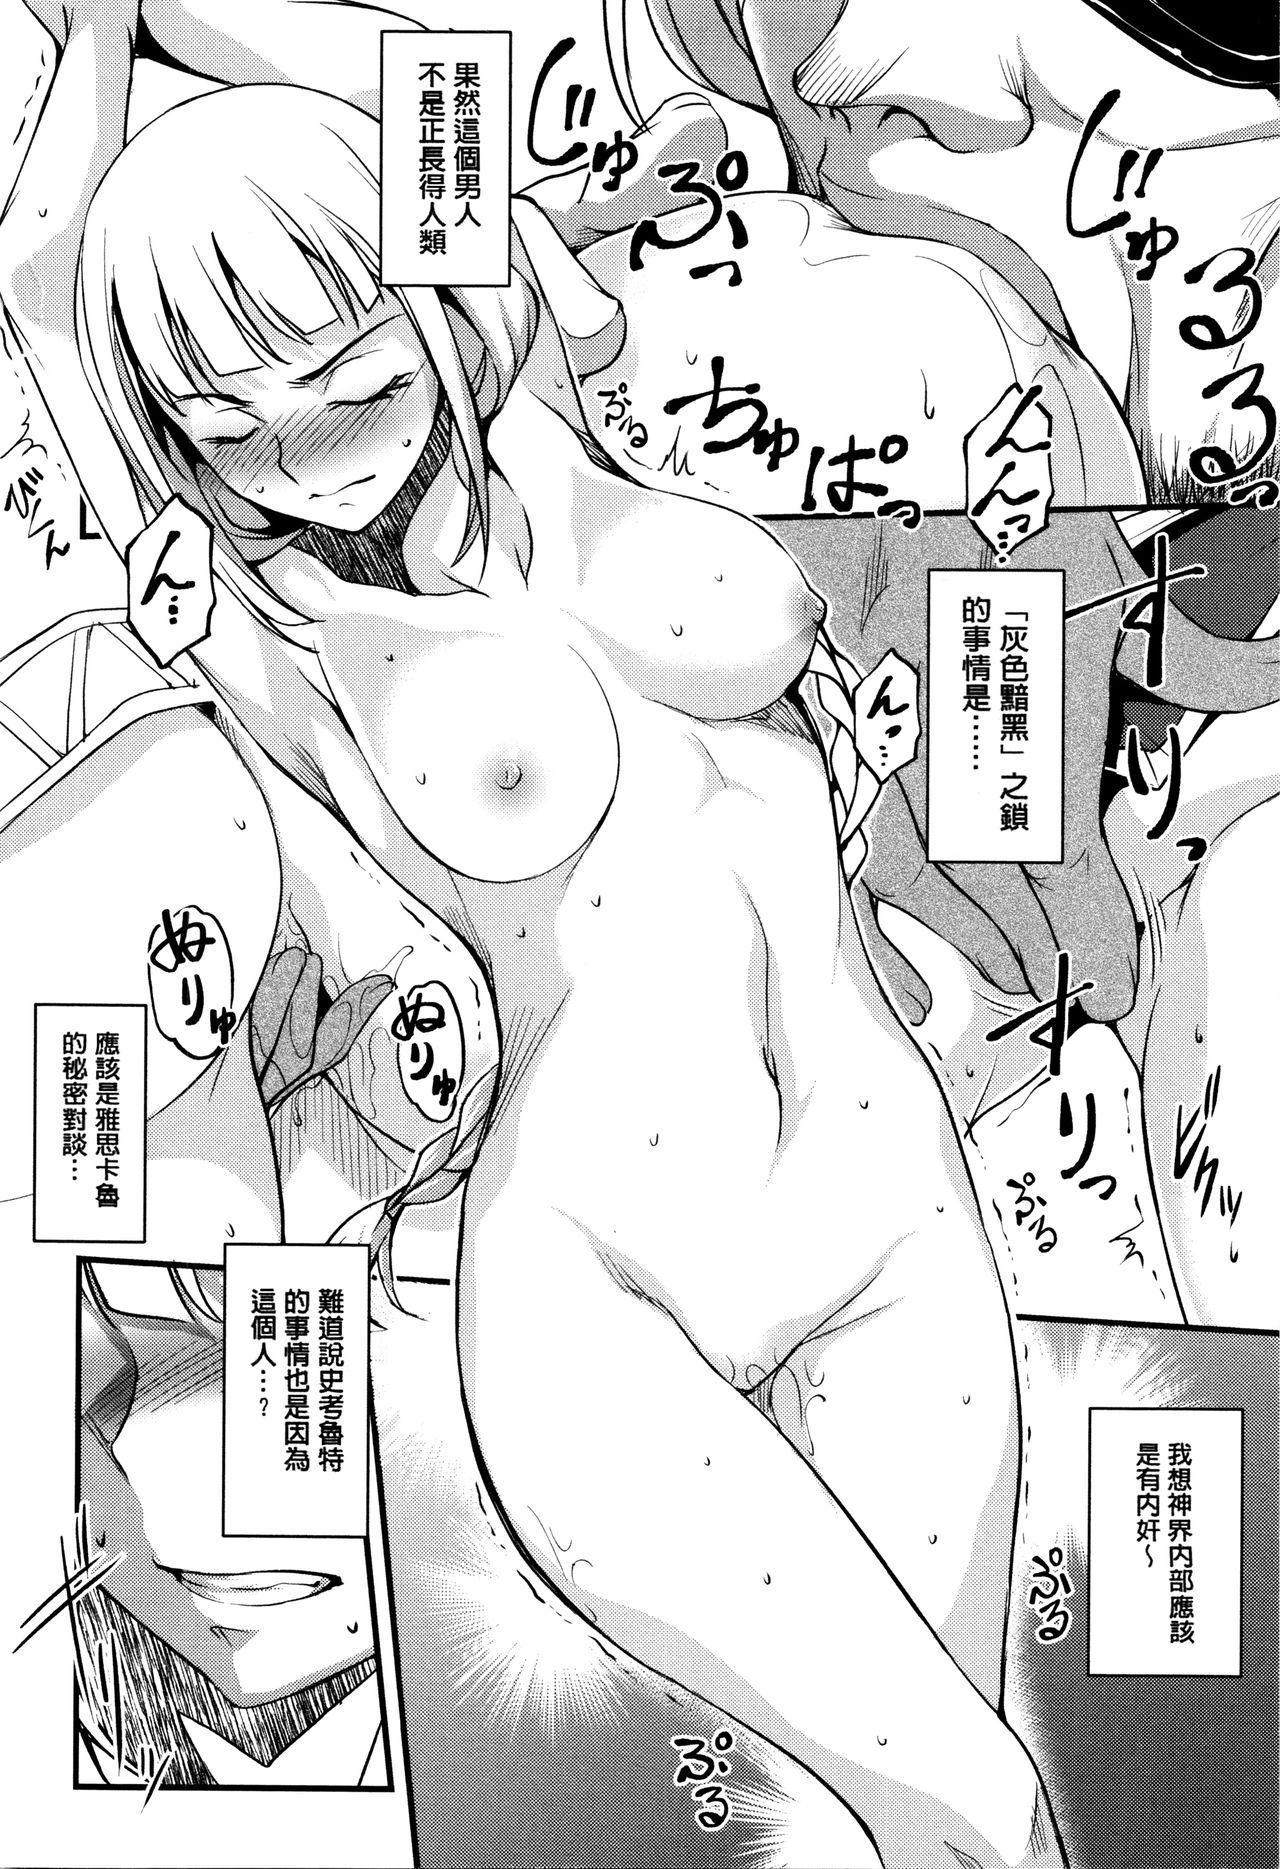 Shikyuu Yuugi 110